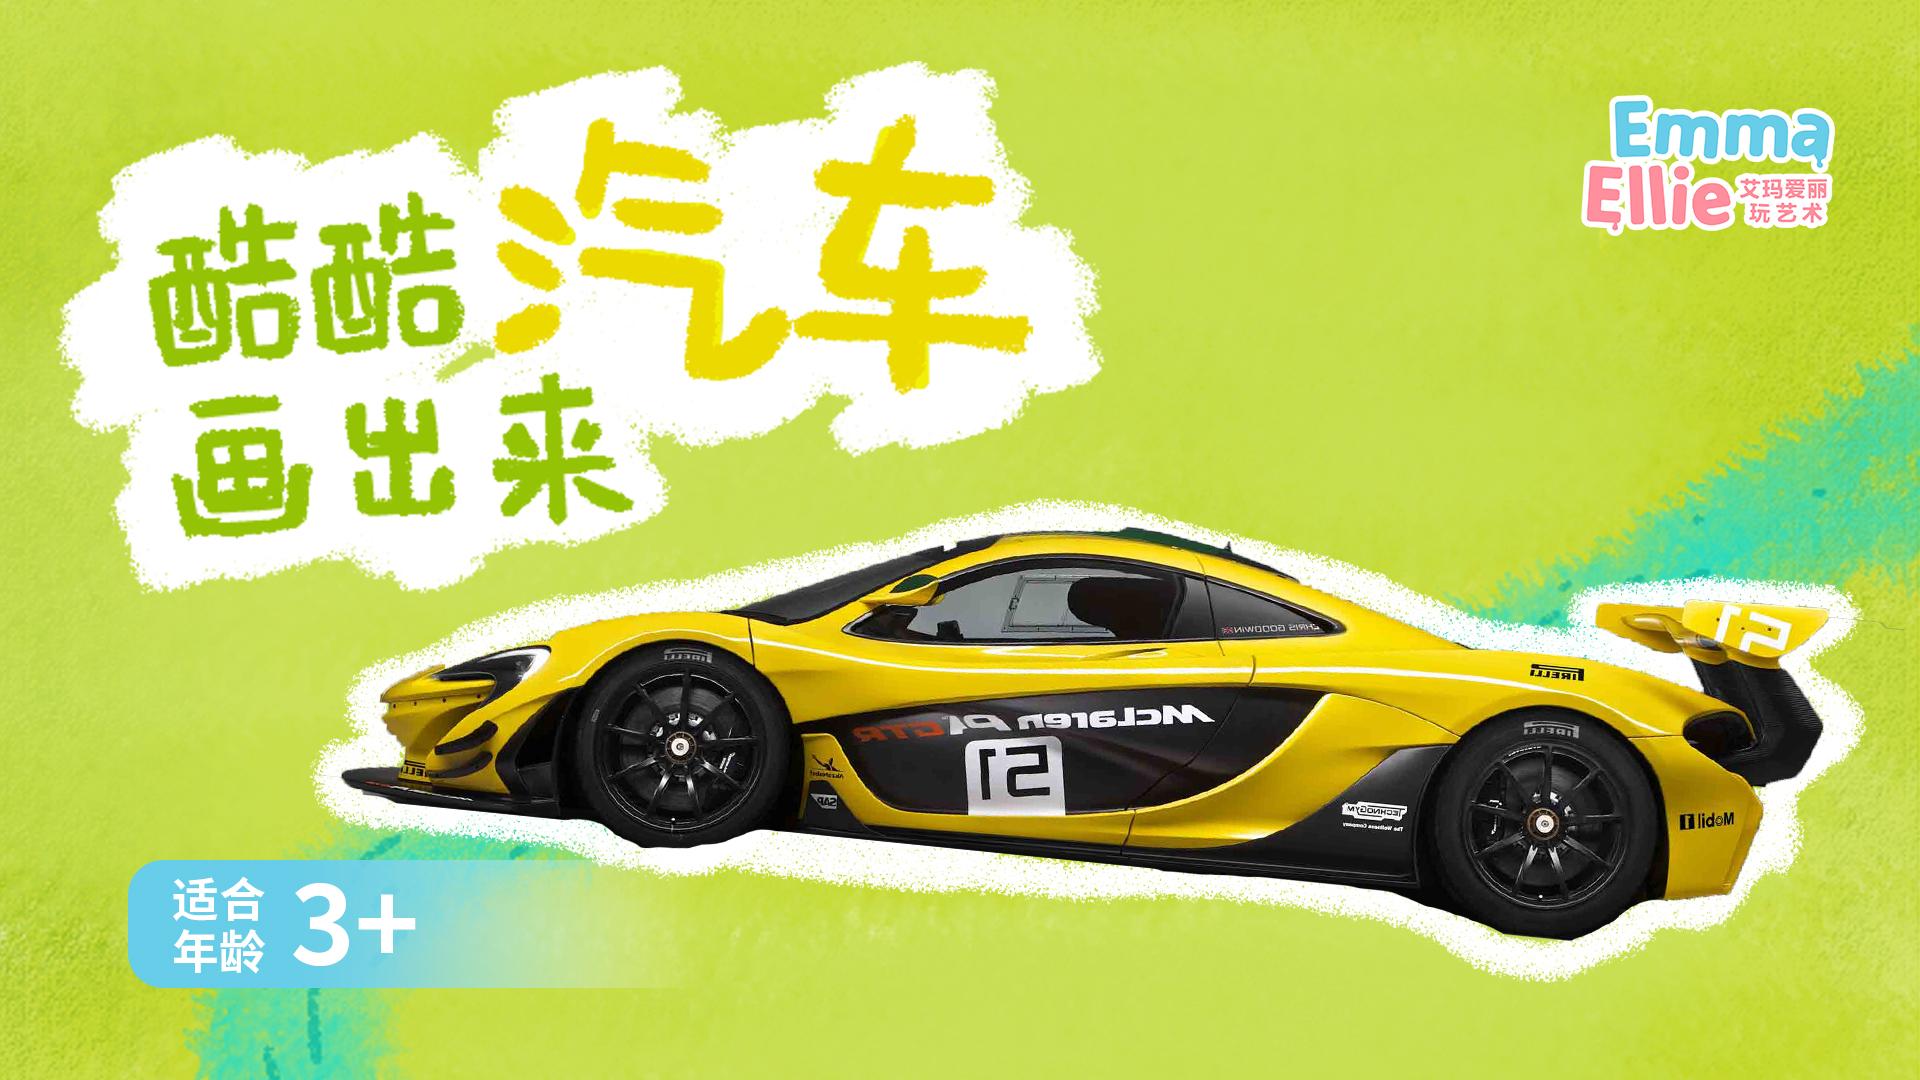 【艾玛爱丽】酷酷的汽车画出来-赛车的画法